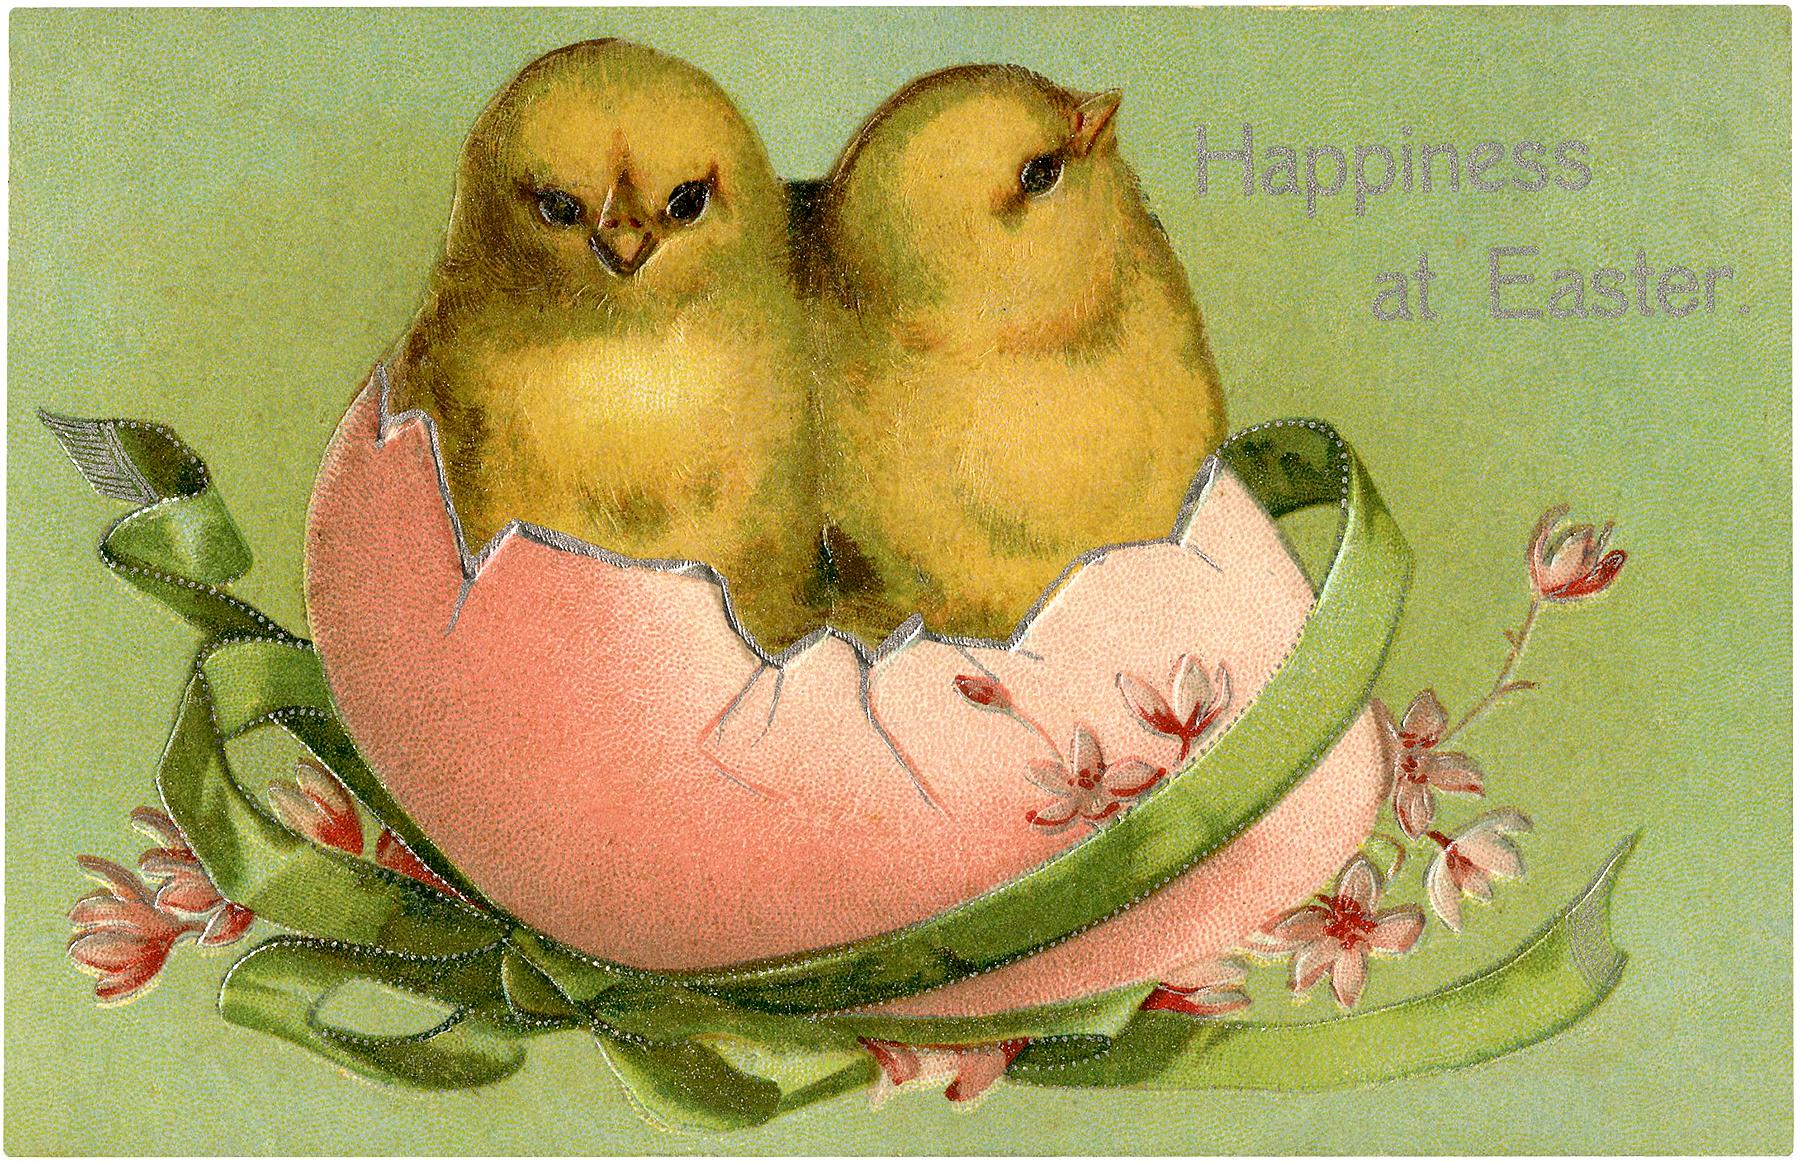 Easter Chicks Hatch Image